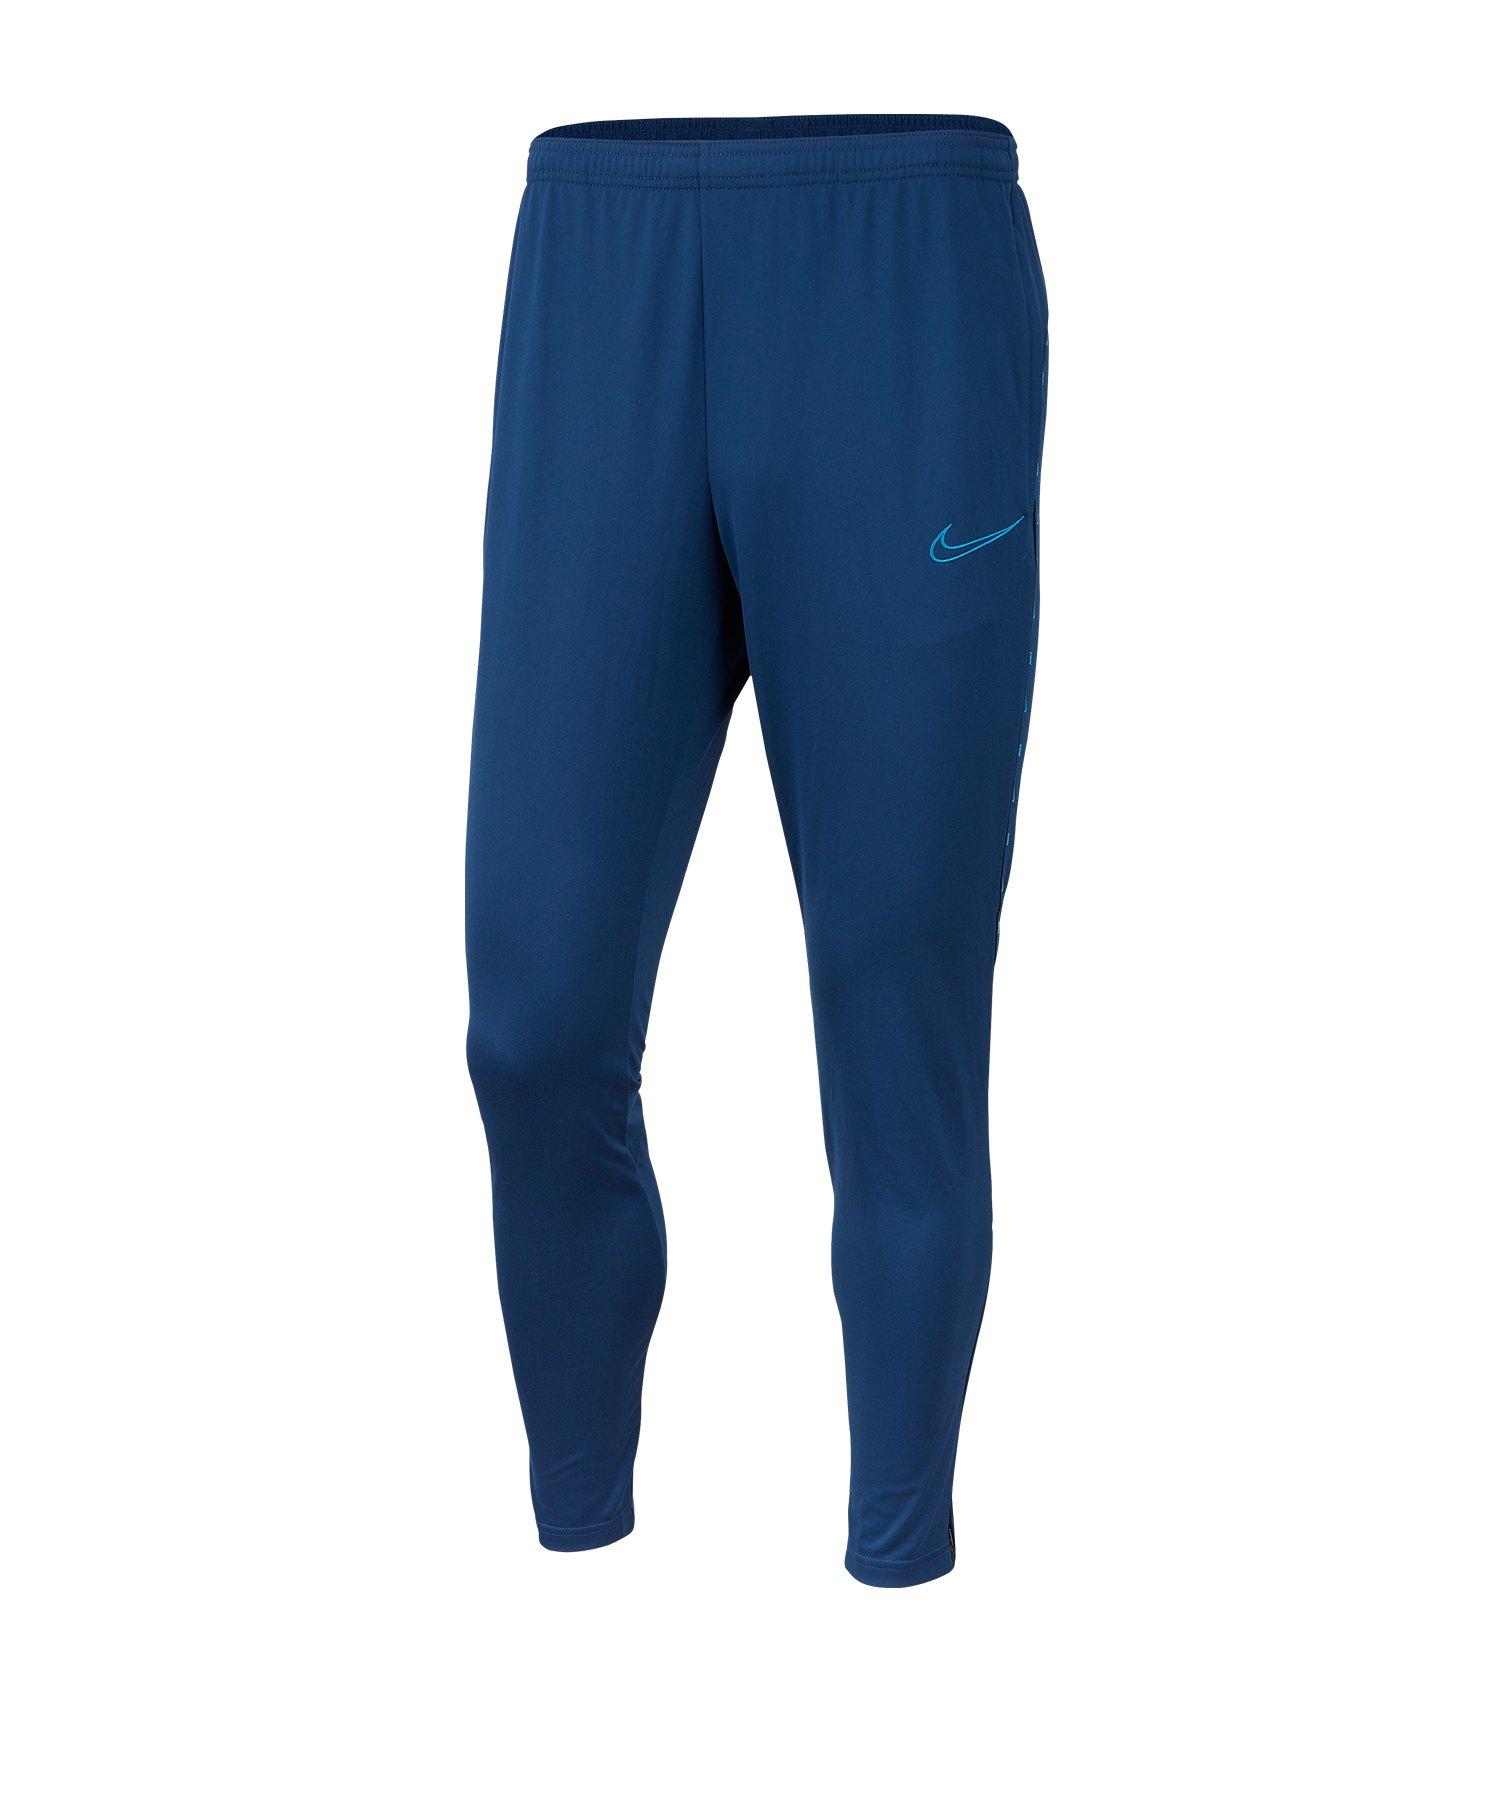 Nike Academy Trainingshose GX Blau F407 - blau